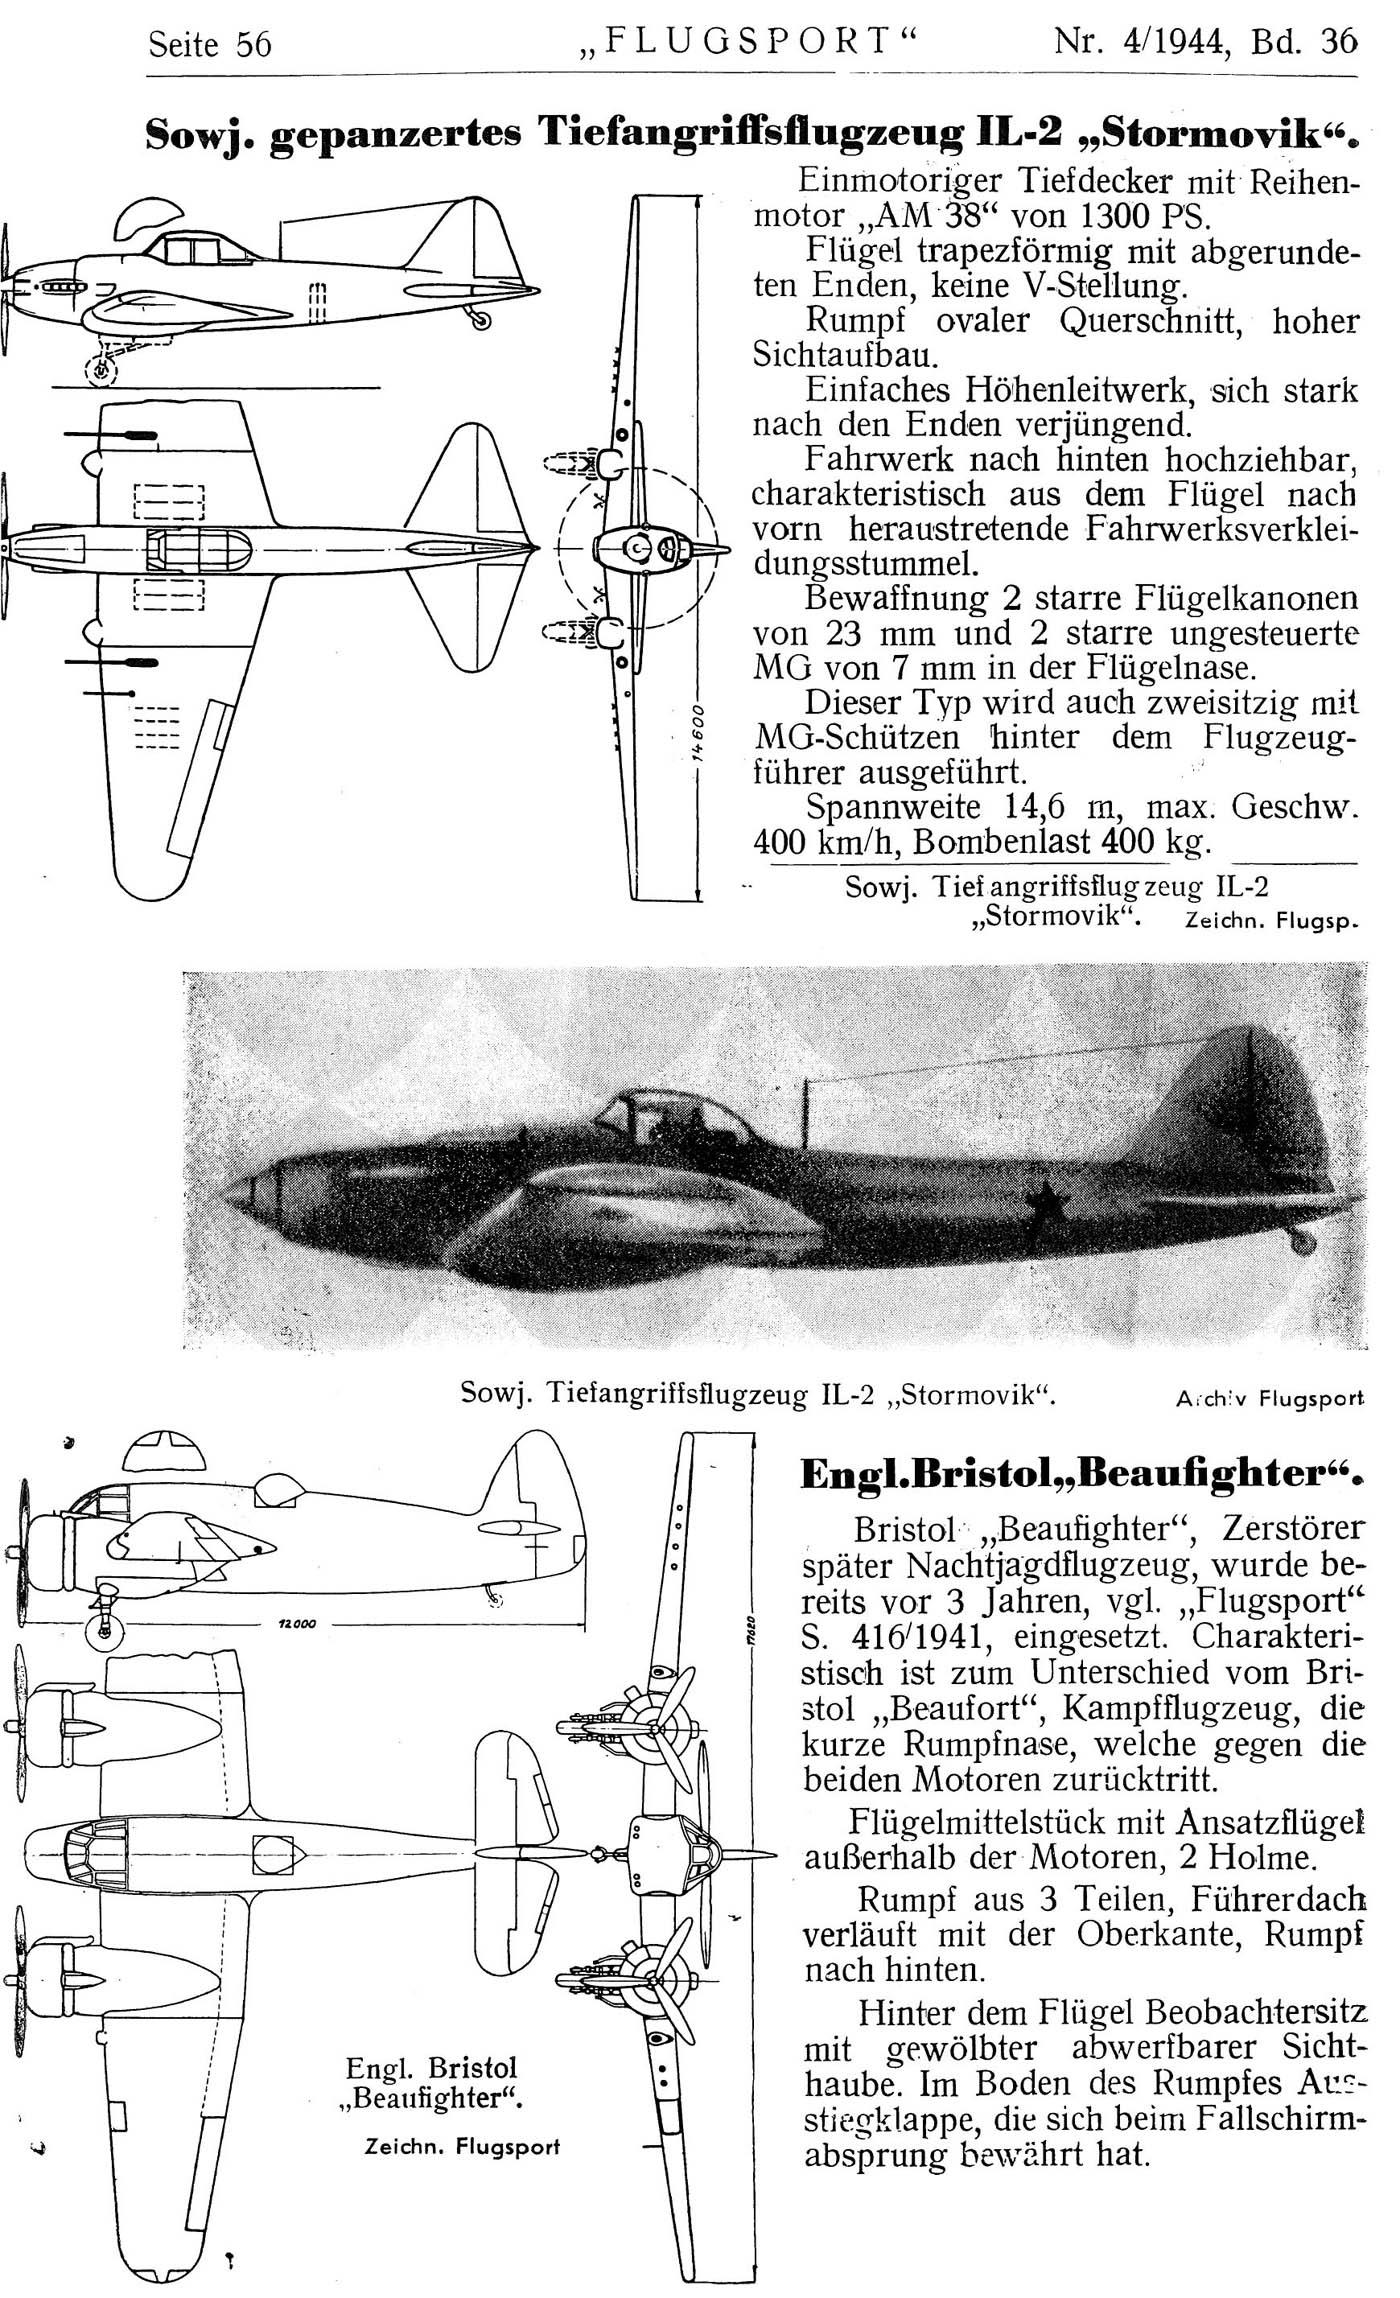 Leseprobe Zeitschrift Flugsport vom 19. April 1944